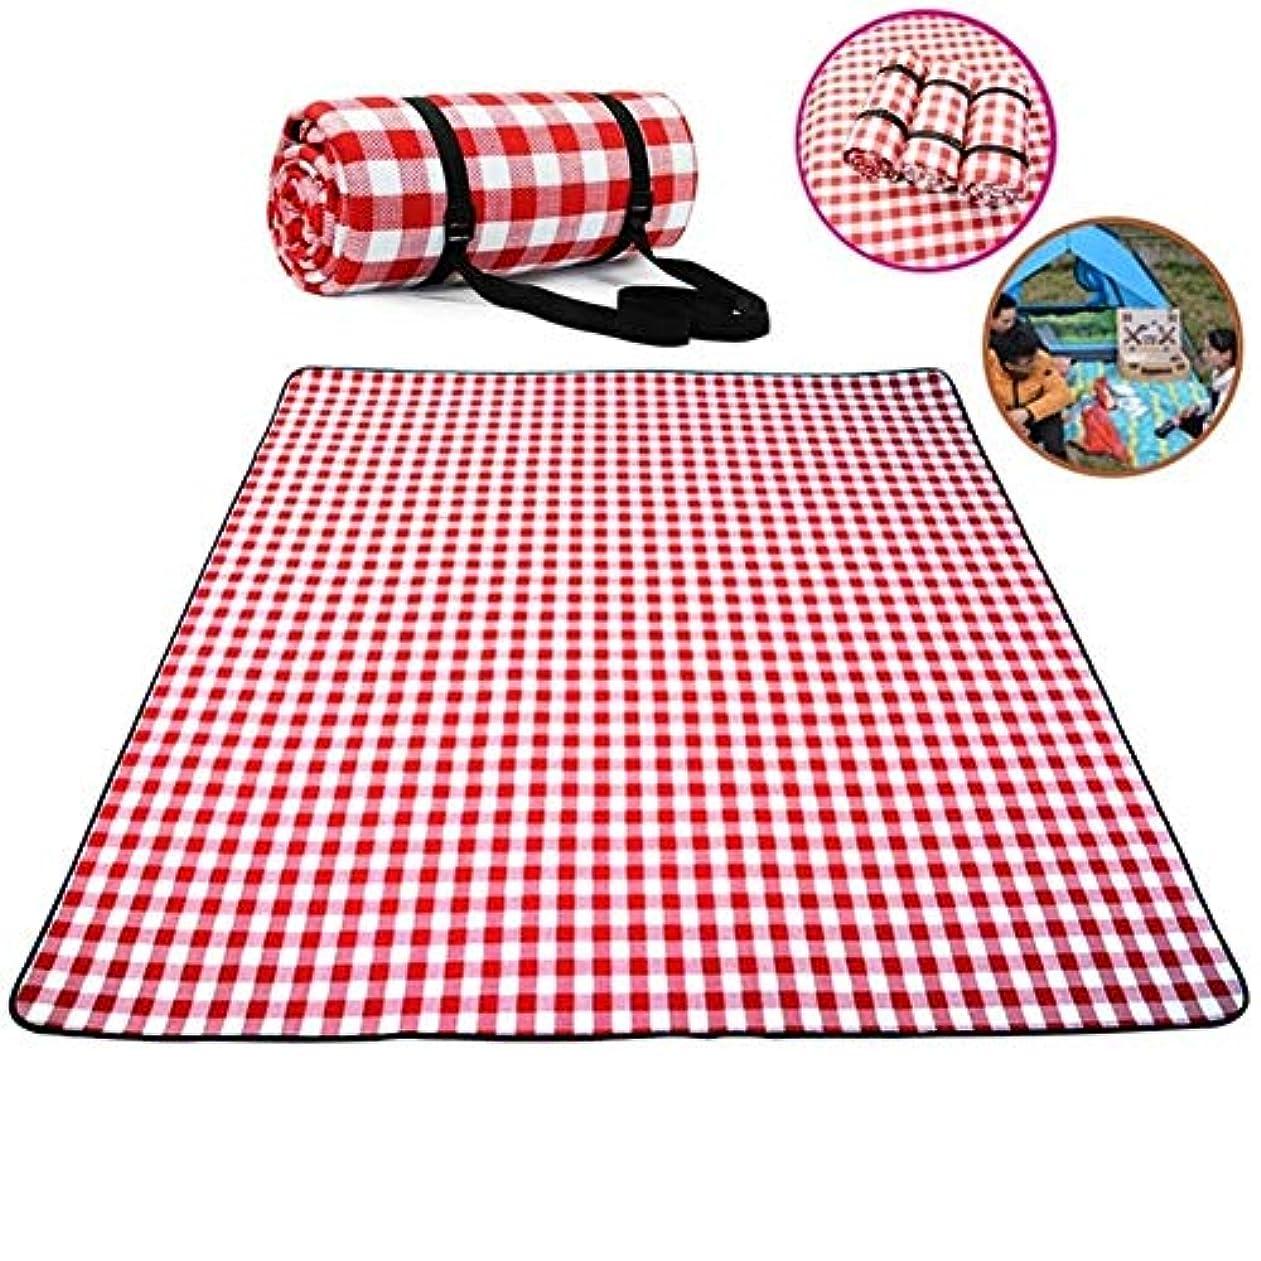 ヒゲ松明定義屋外のキャンプ用のビーチチェック柄ピクニックマットのための厚手のパッド通気性ソフトブランケット w0g3f4c